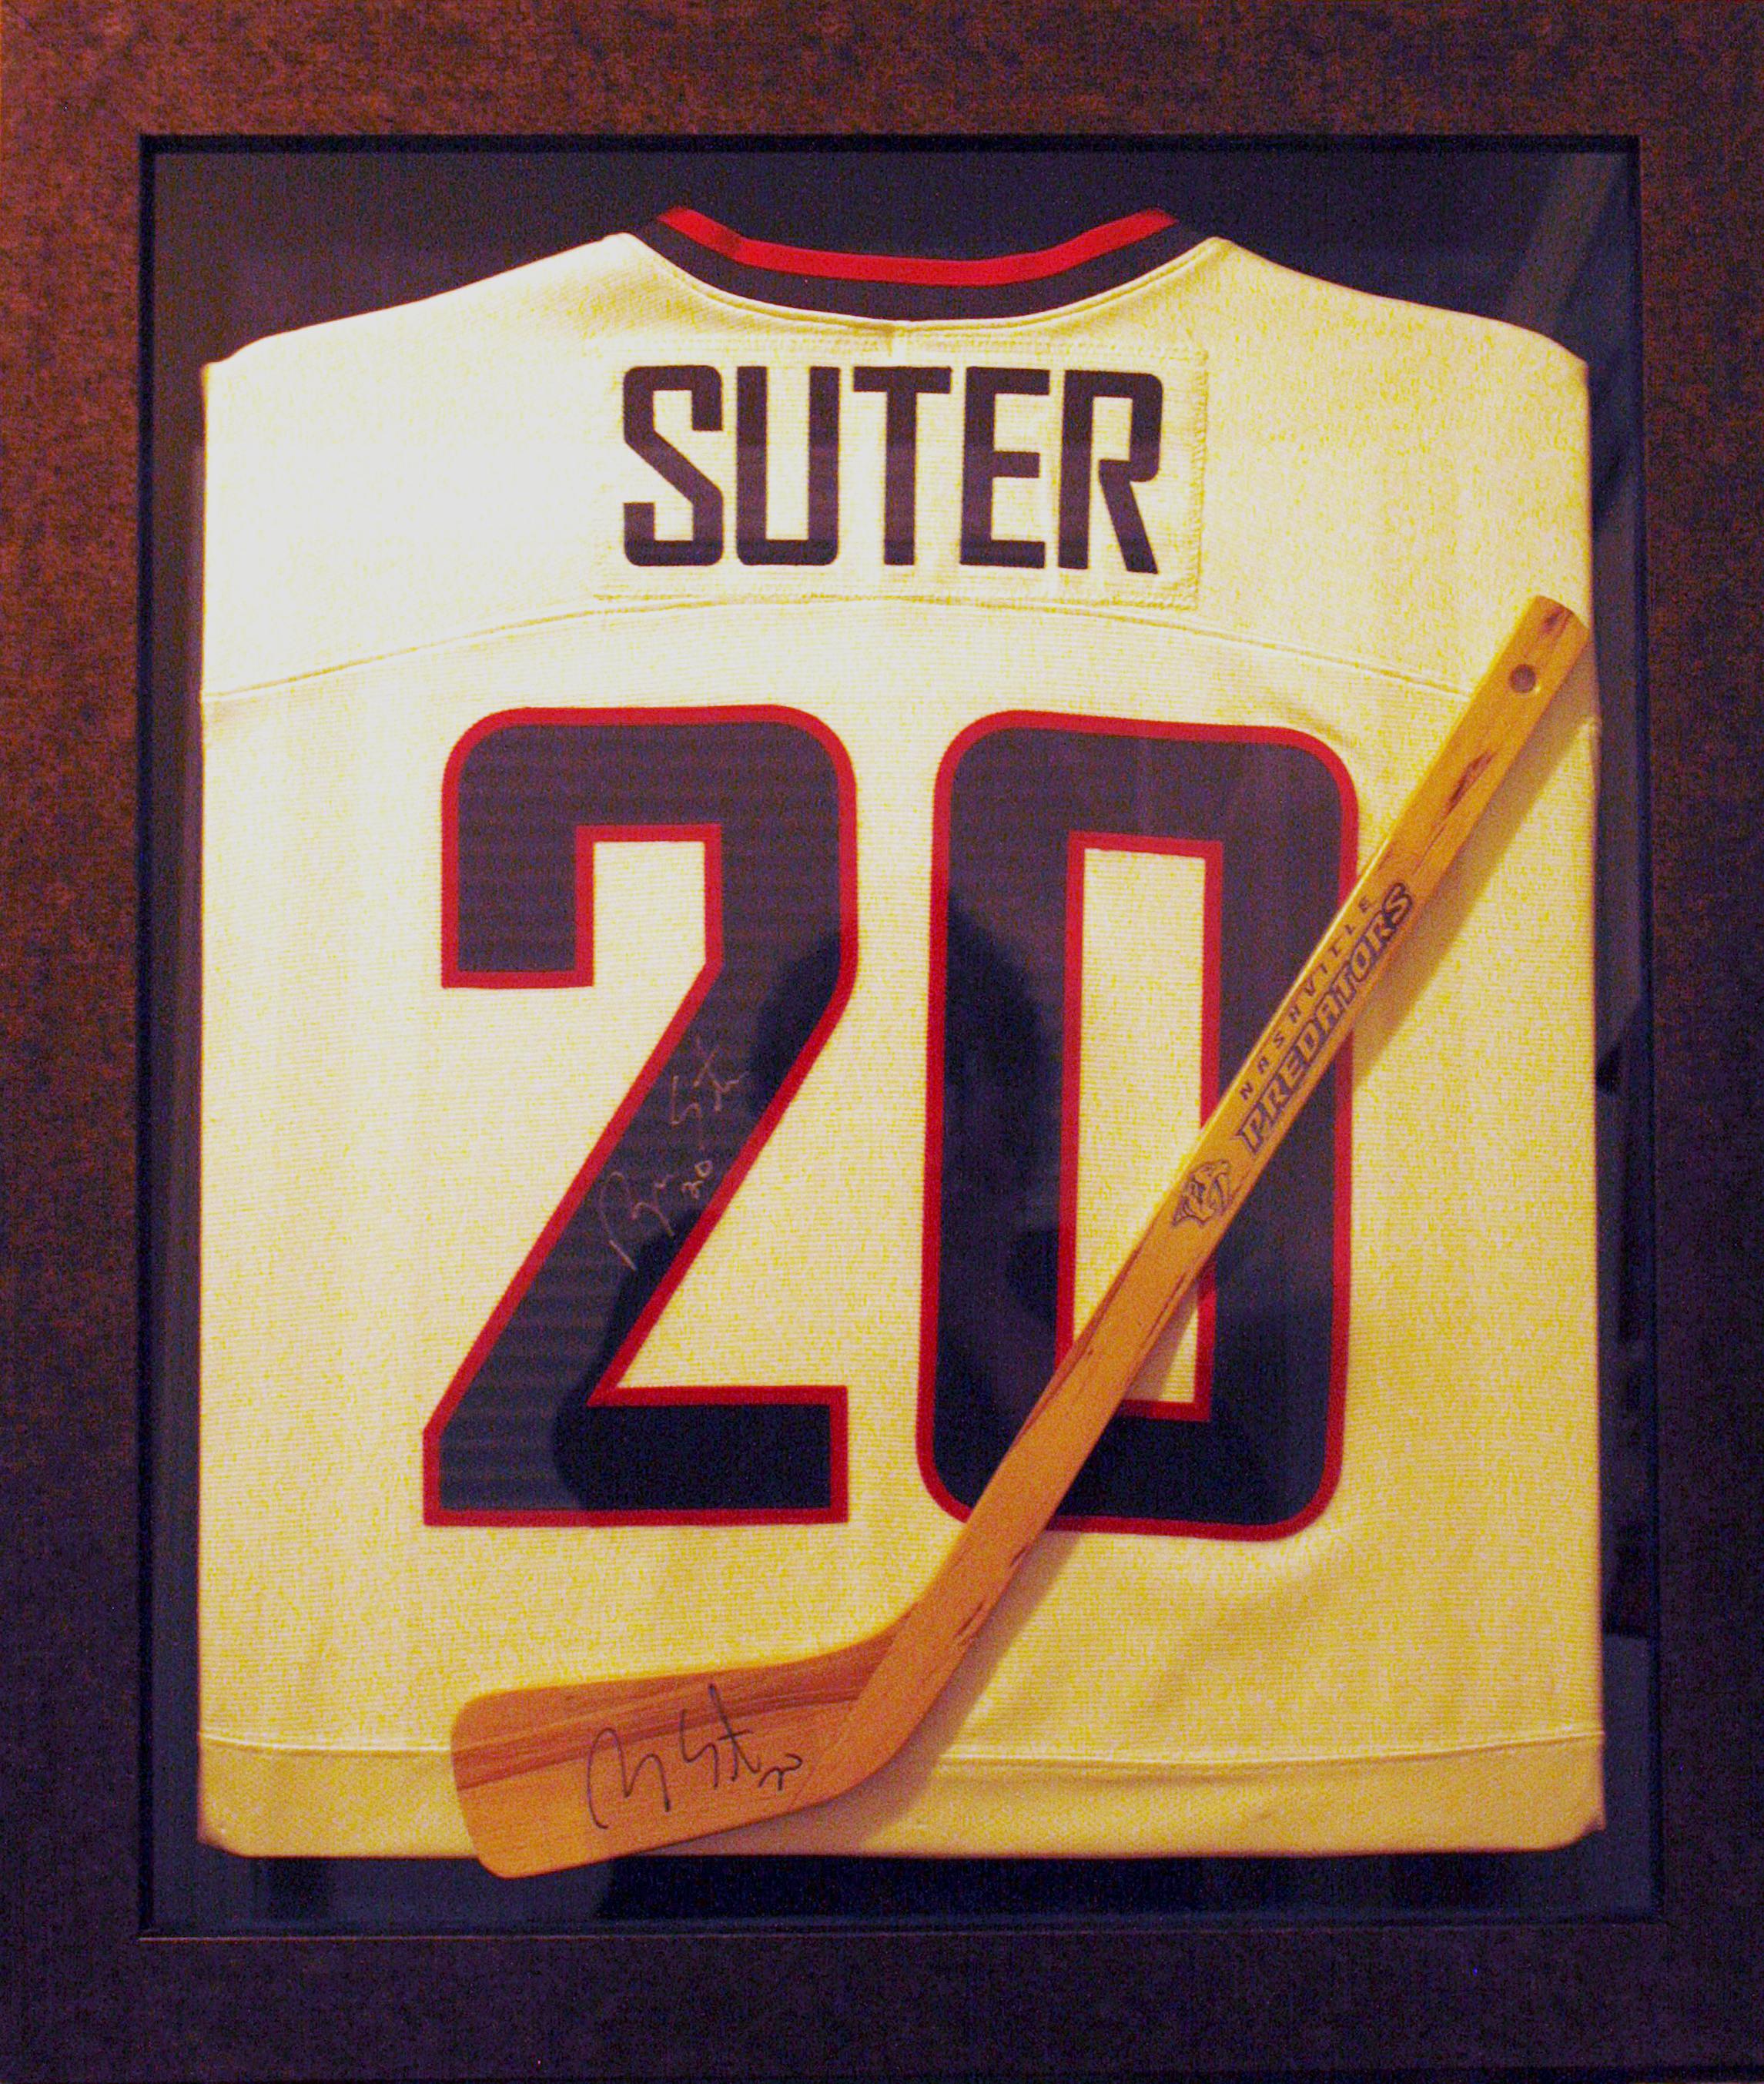 Hockey jersey and stick